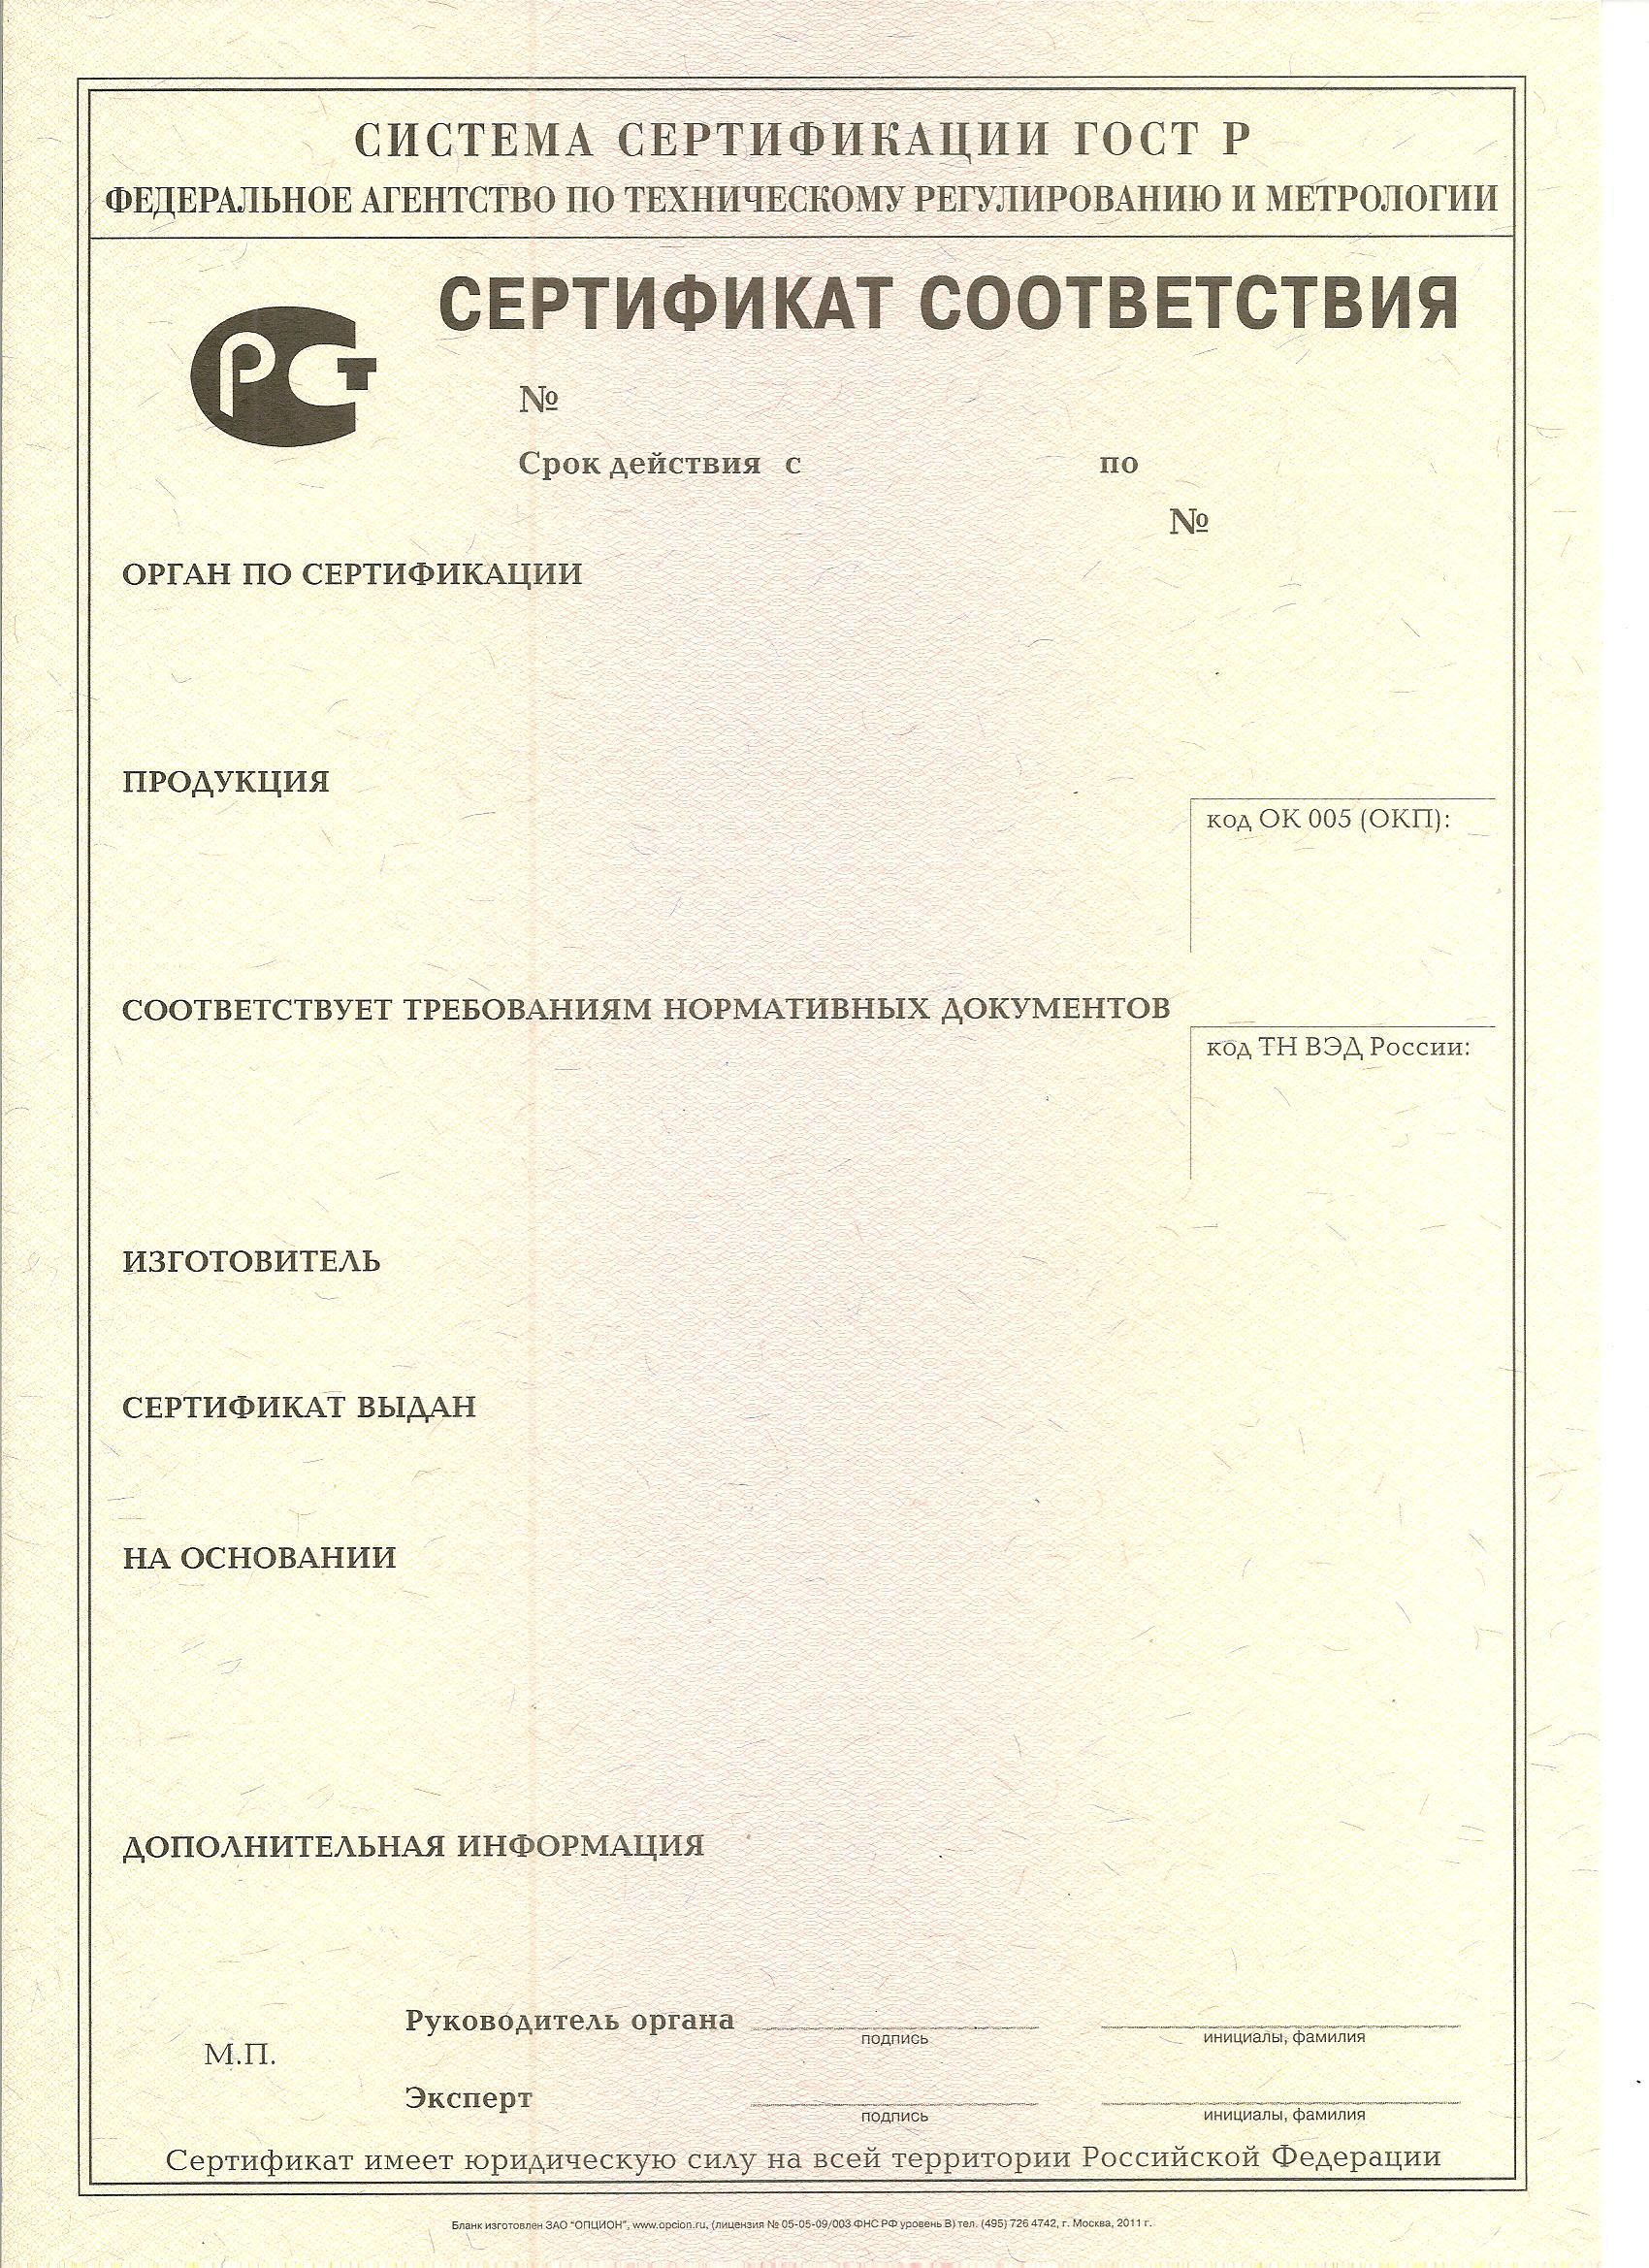 Перечень документов для оформления сертификата гост р кр ст исо 9001 2009